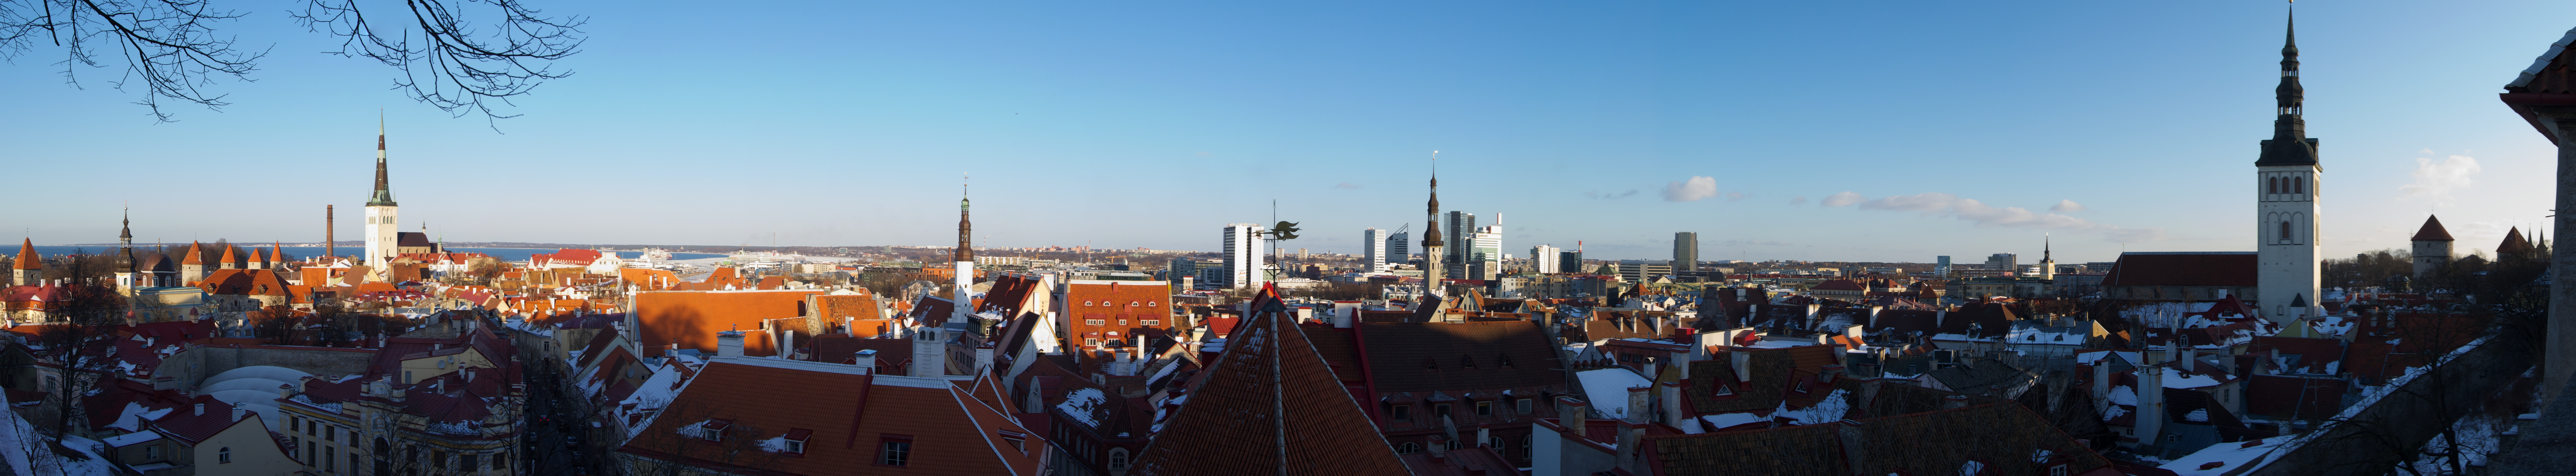 Old Town (Tallinn)